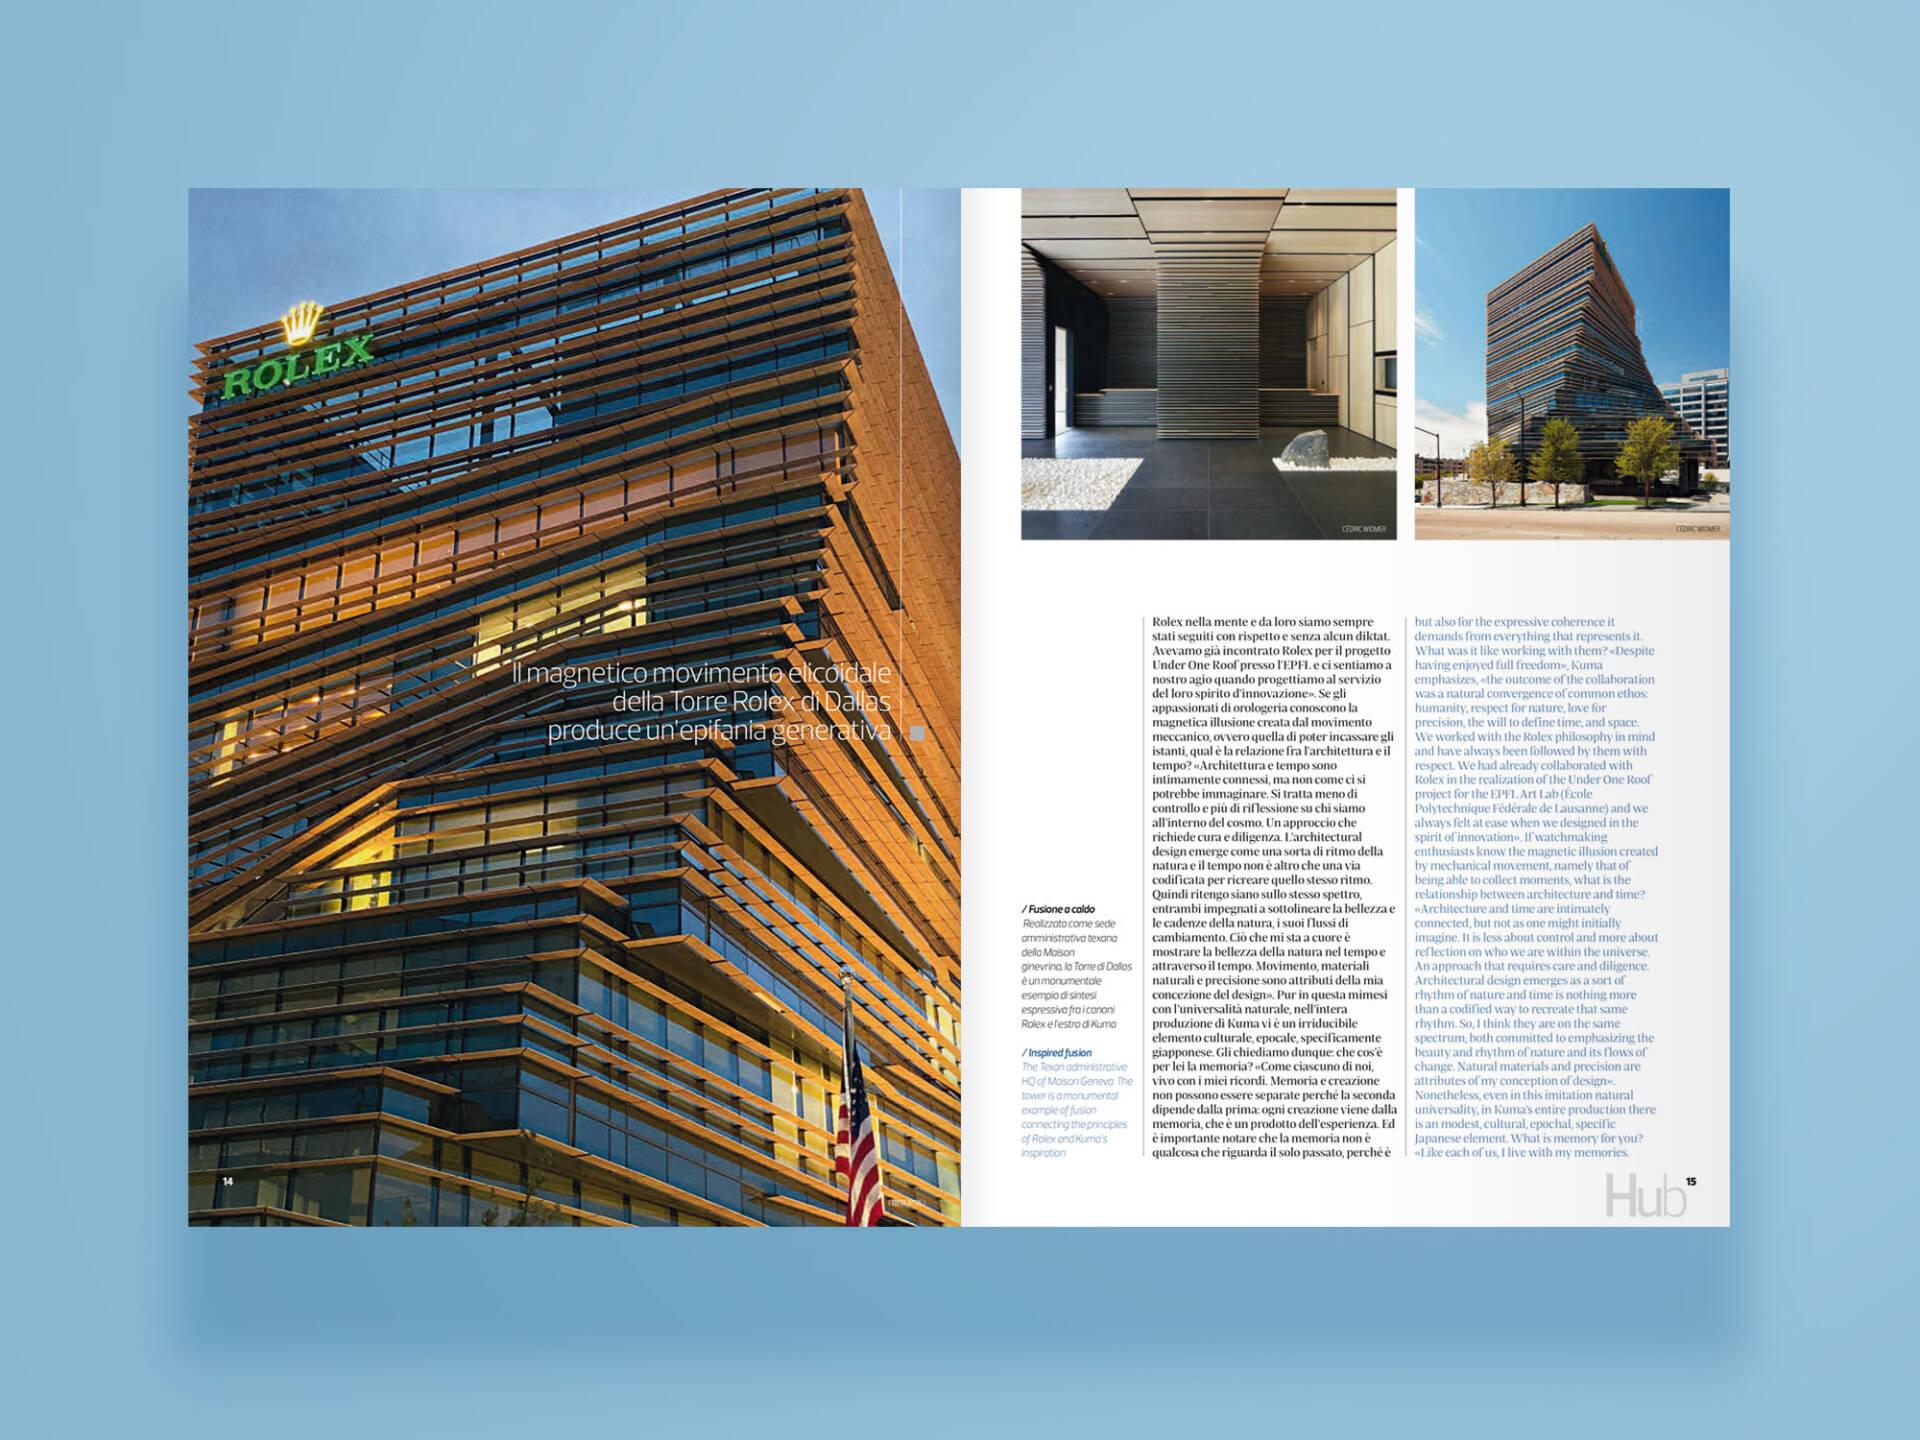 HUB_14_CdT_Wenceslau_News_Design